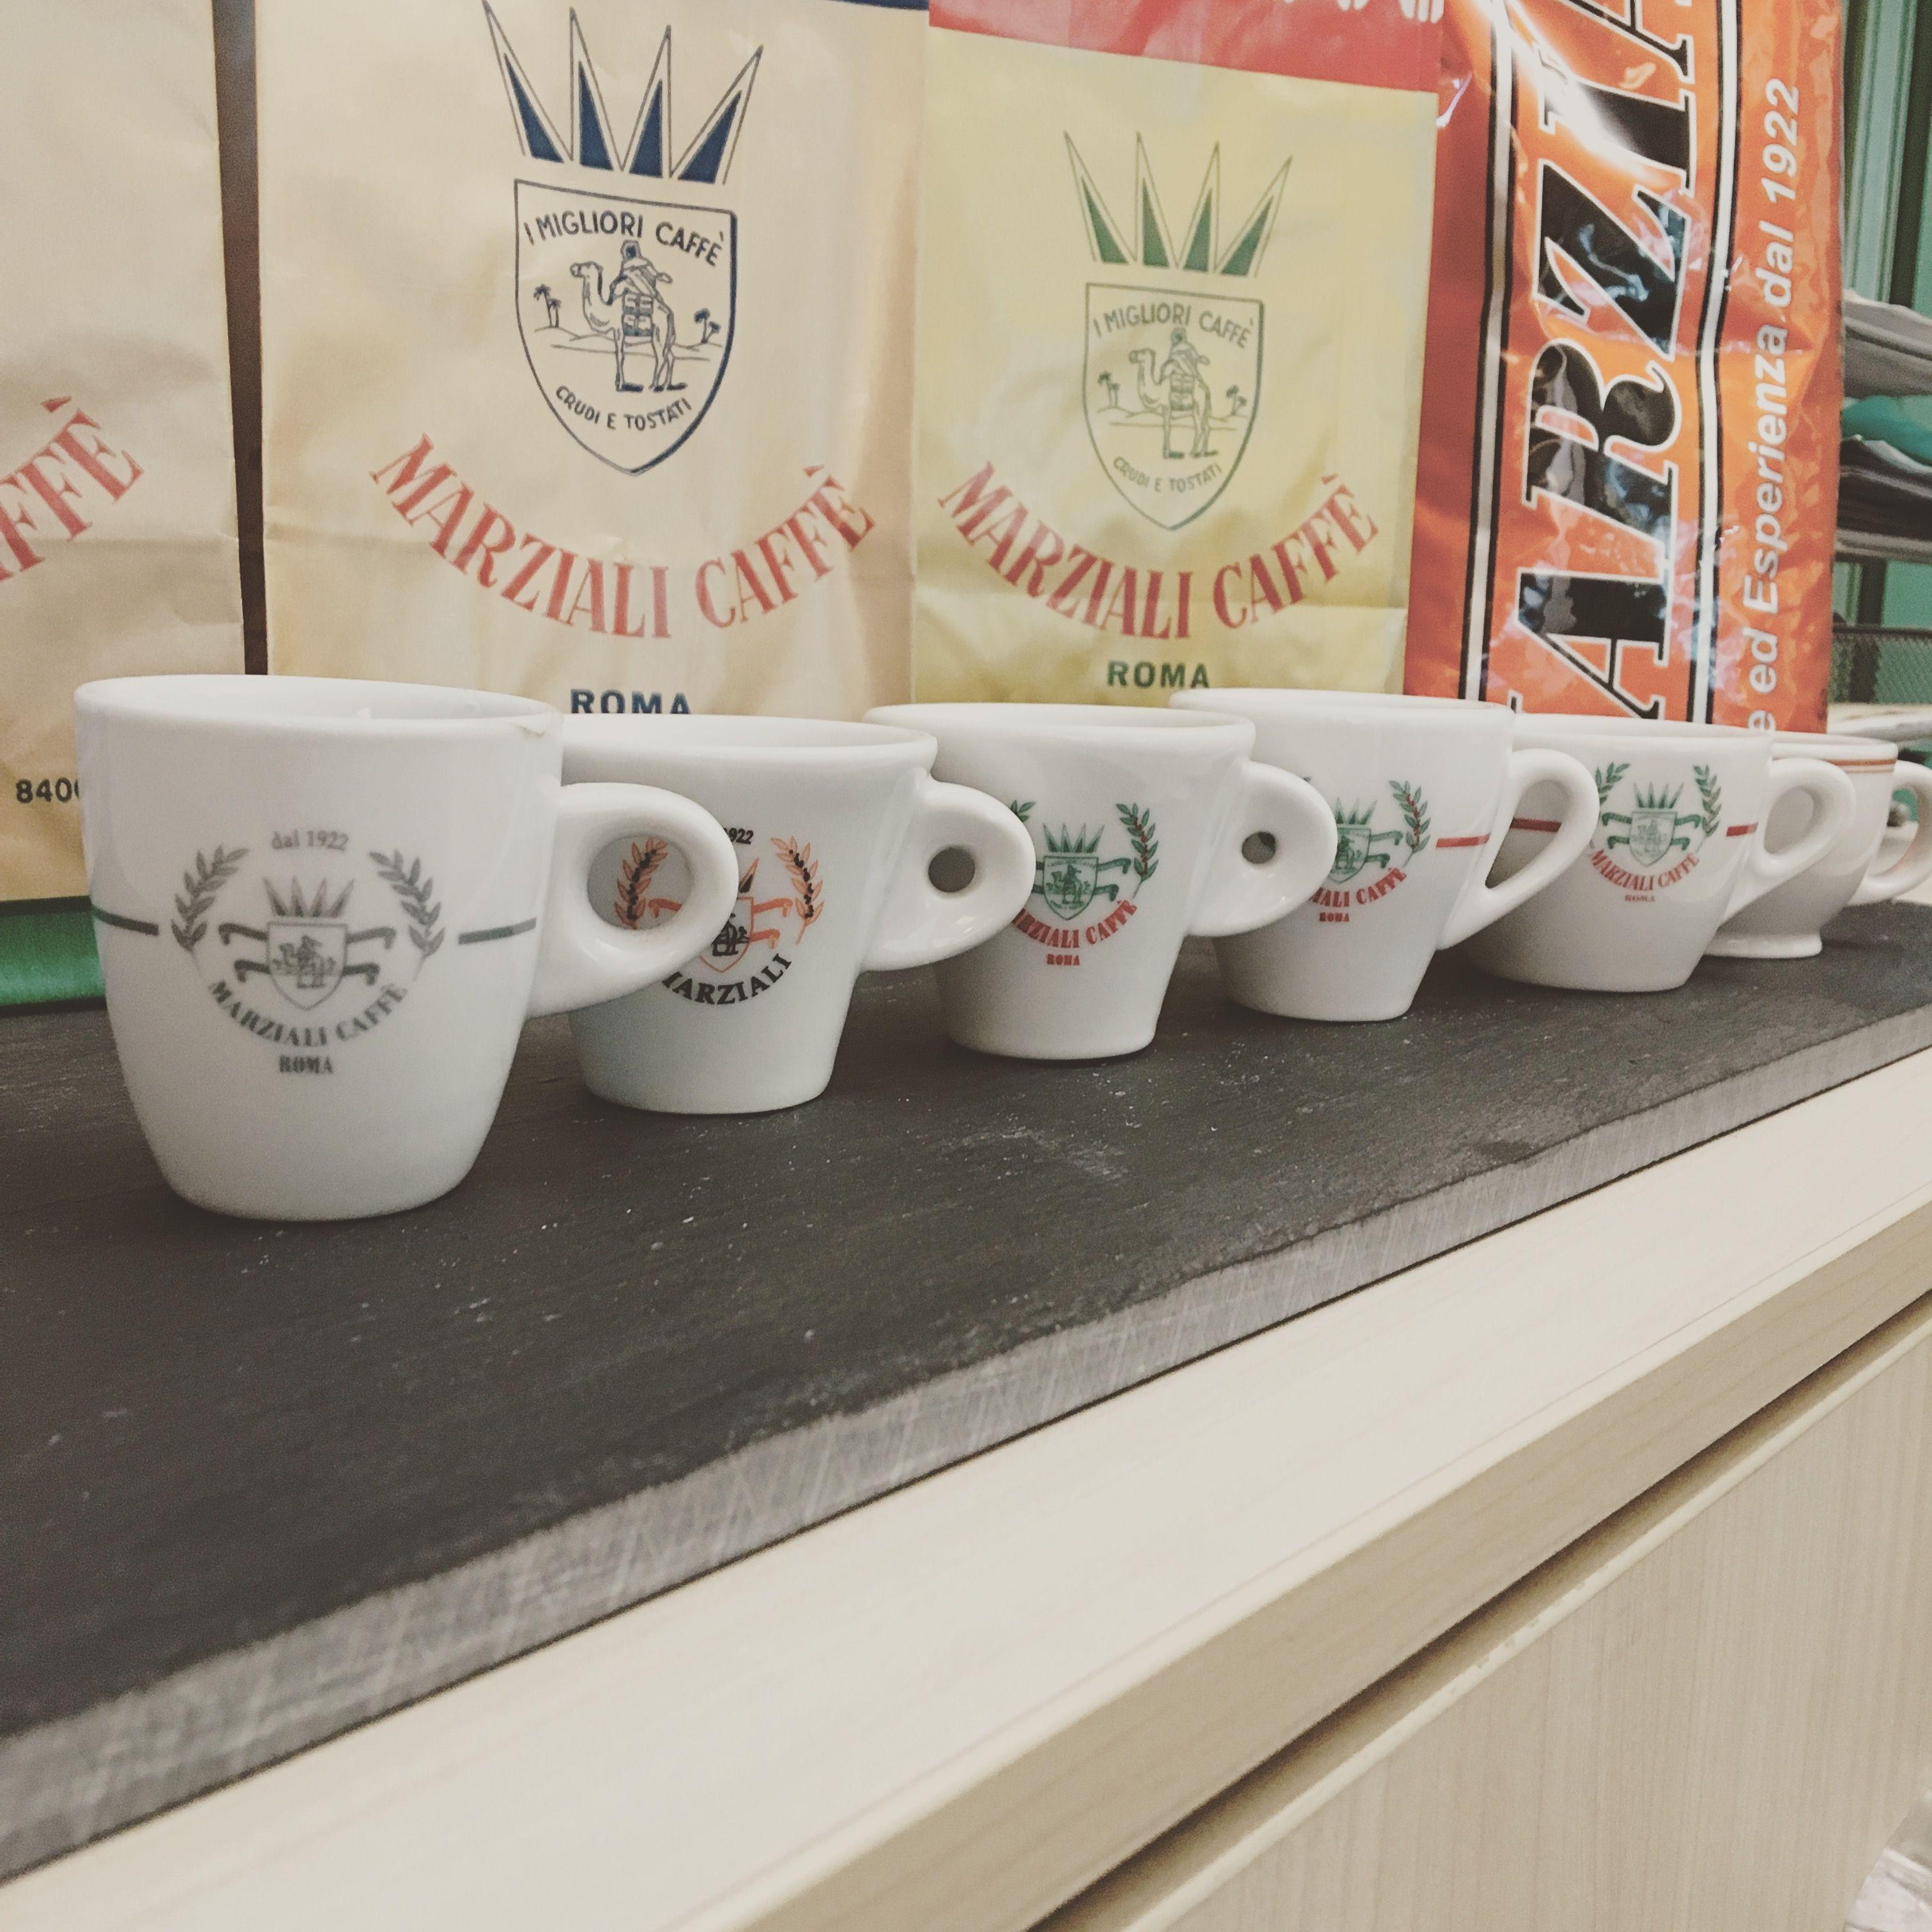 Marziali caffè coffee cups since 1922